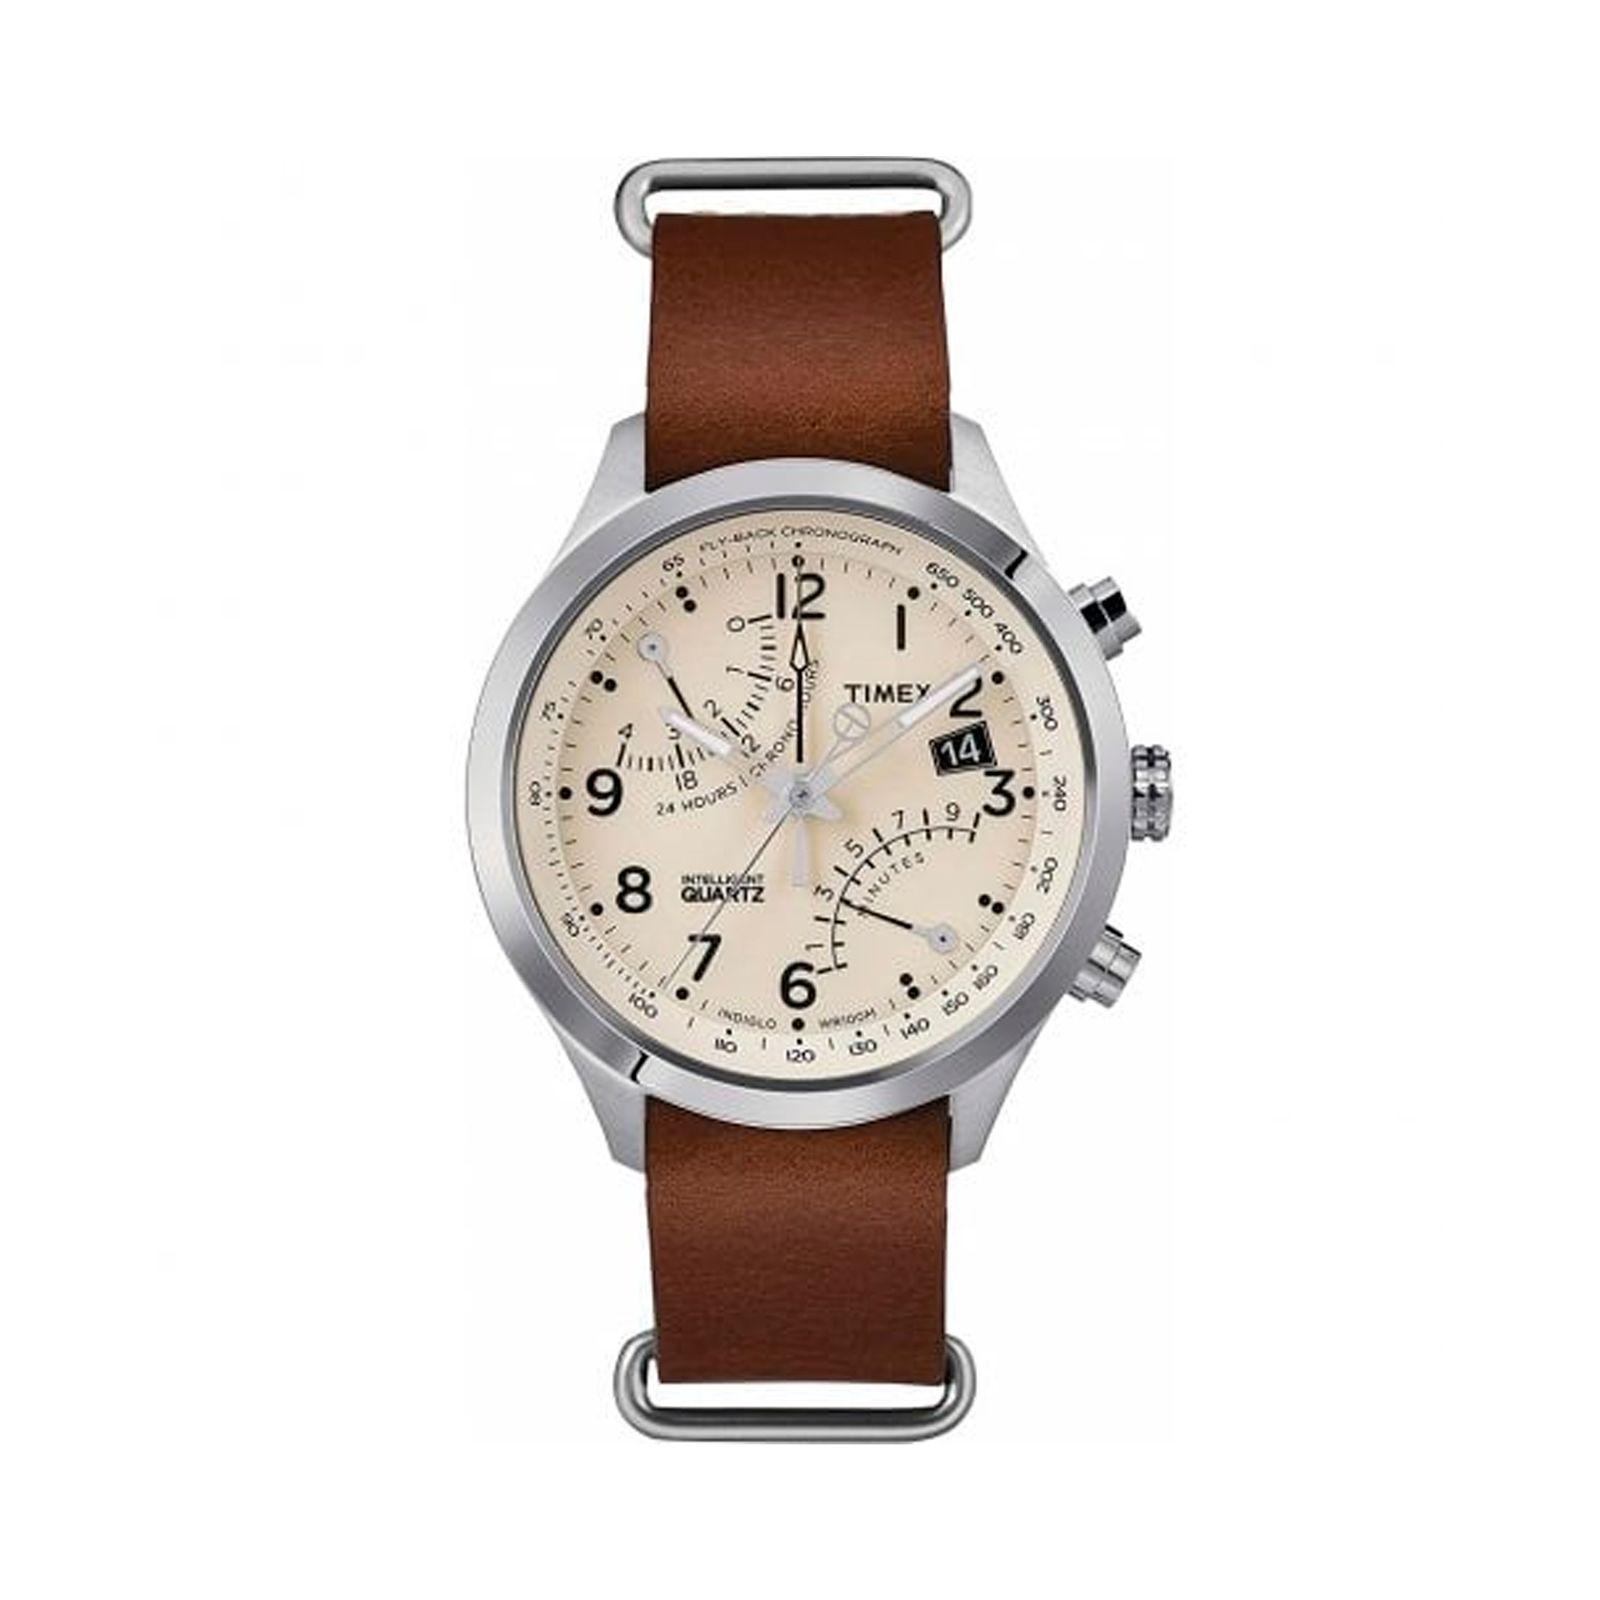 ساعت مچی عقربه ای مردانه تایمکس مدل TW2R55100 -  - 1